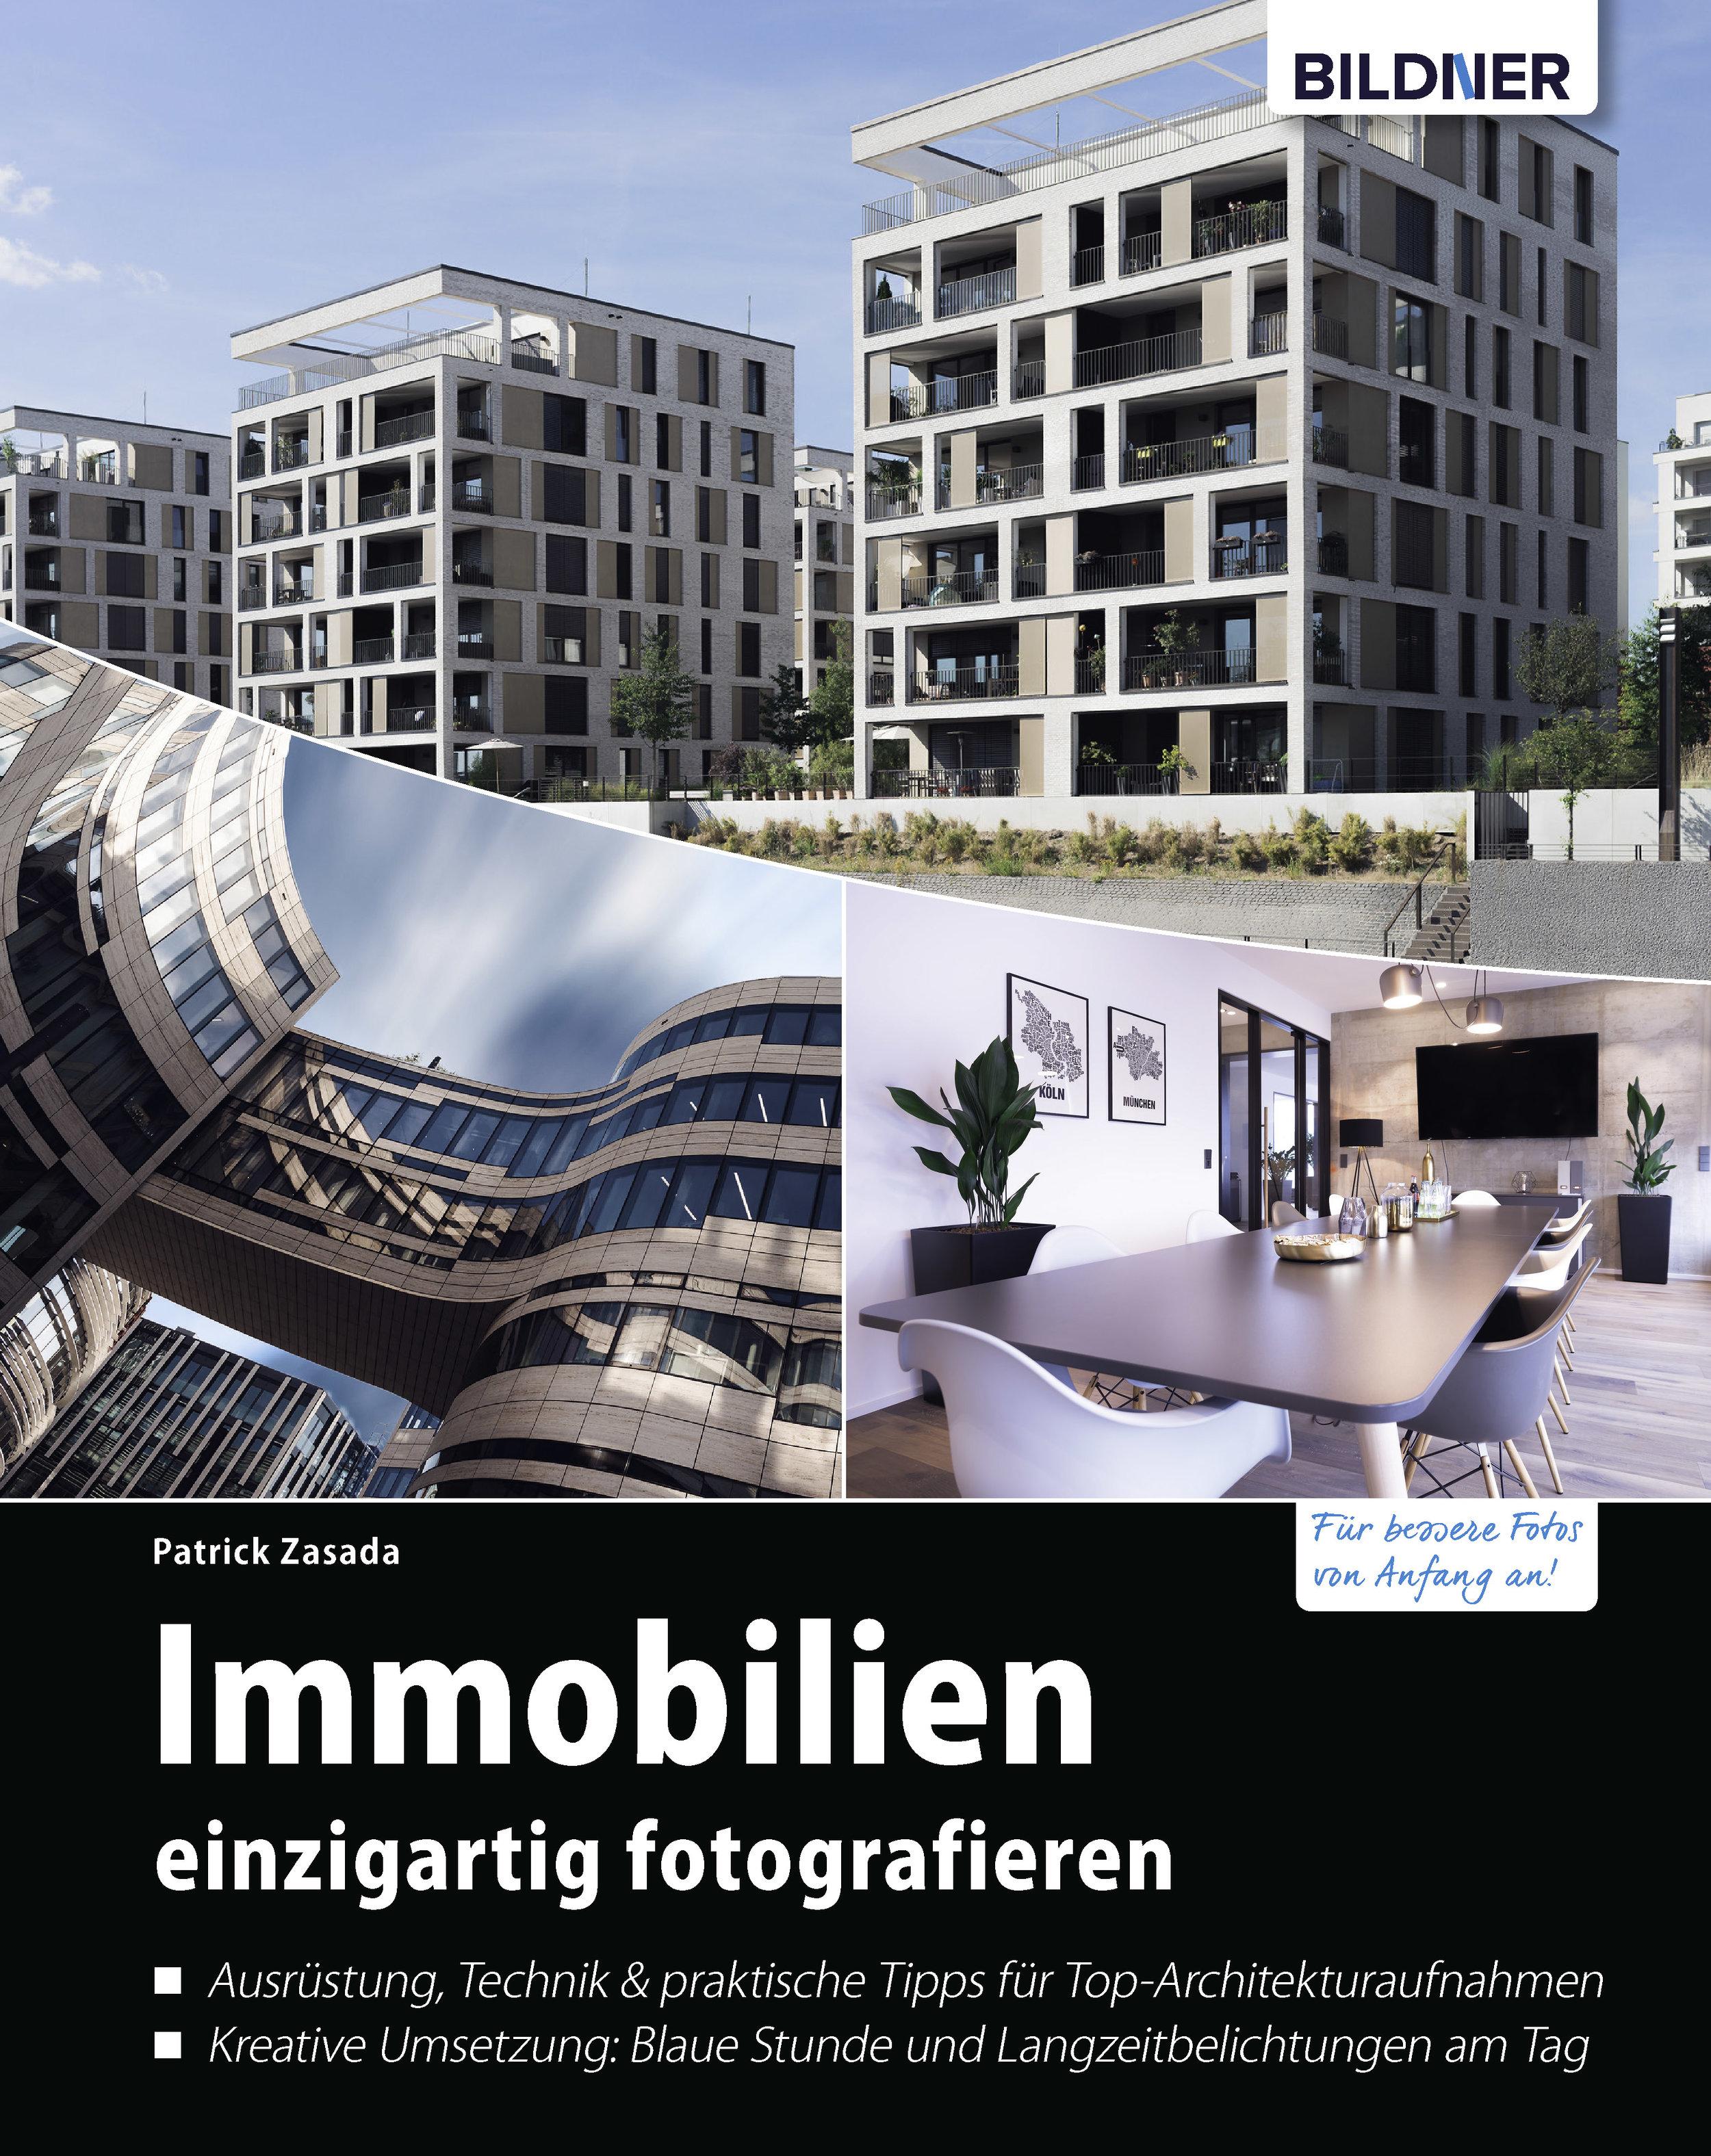 Das Buch zur Immobilienfotografie von Patrick Zasada (Bildner Verlag, 2019)